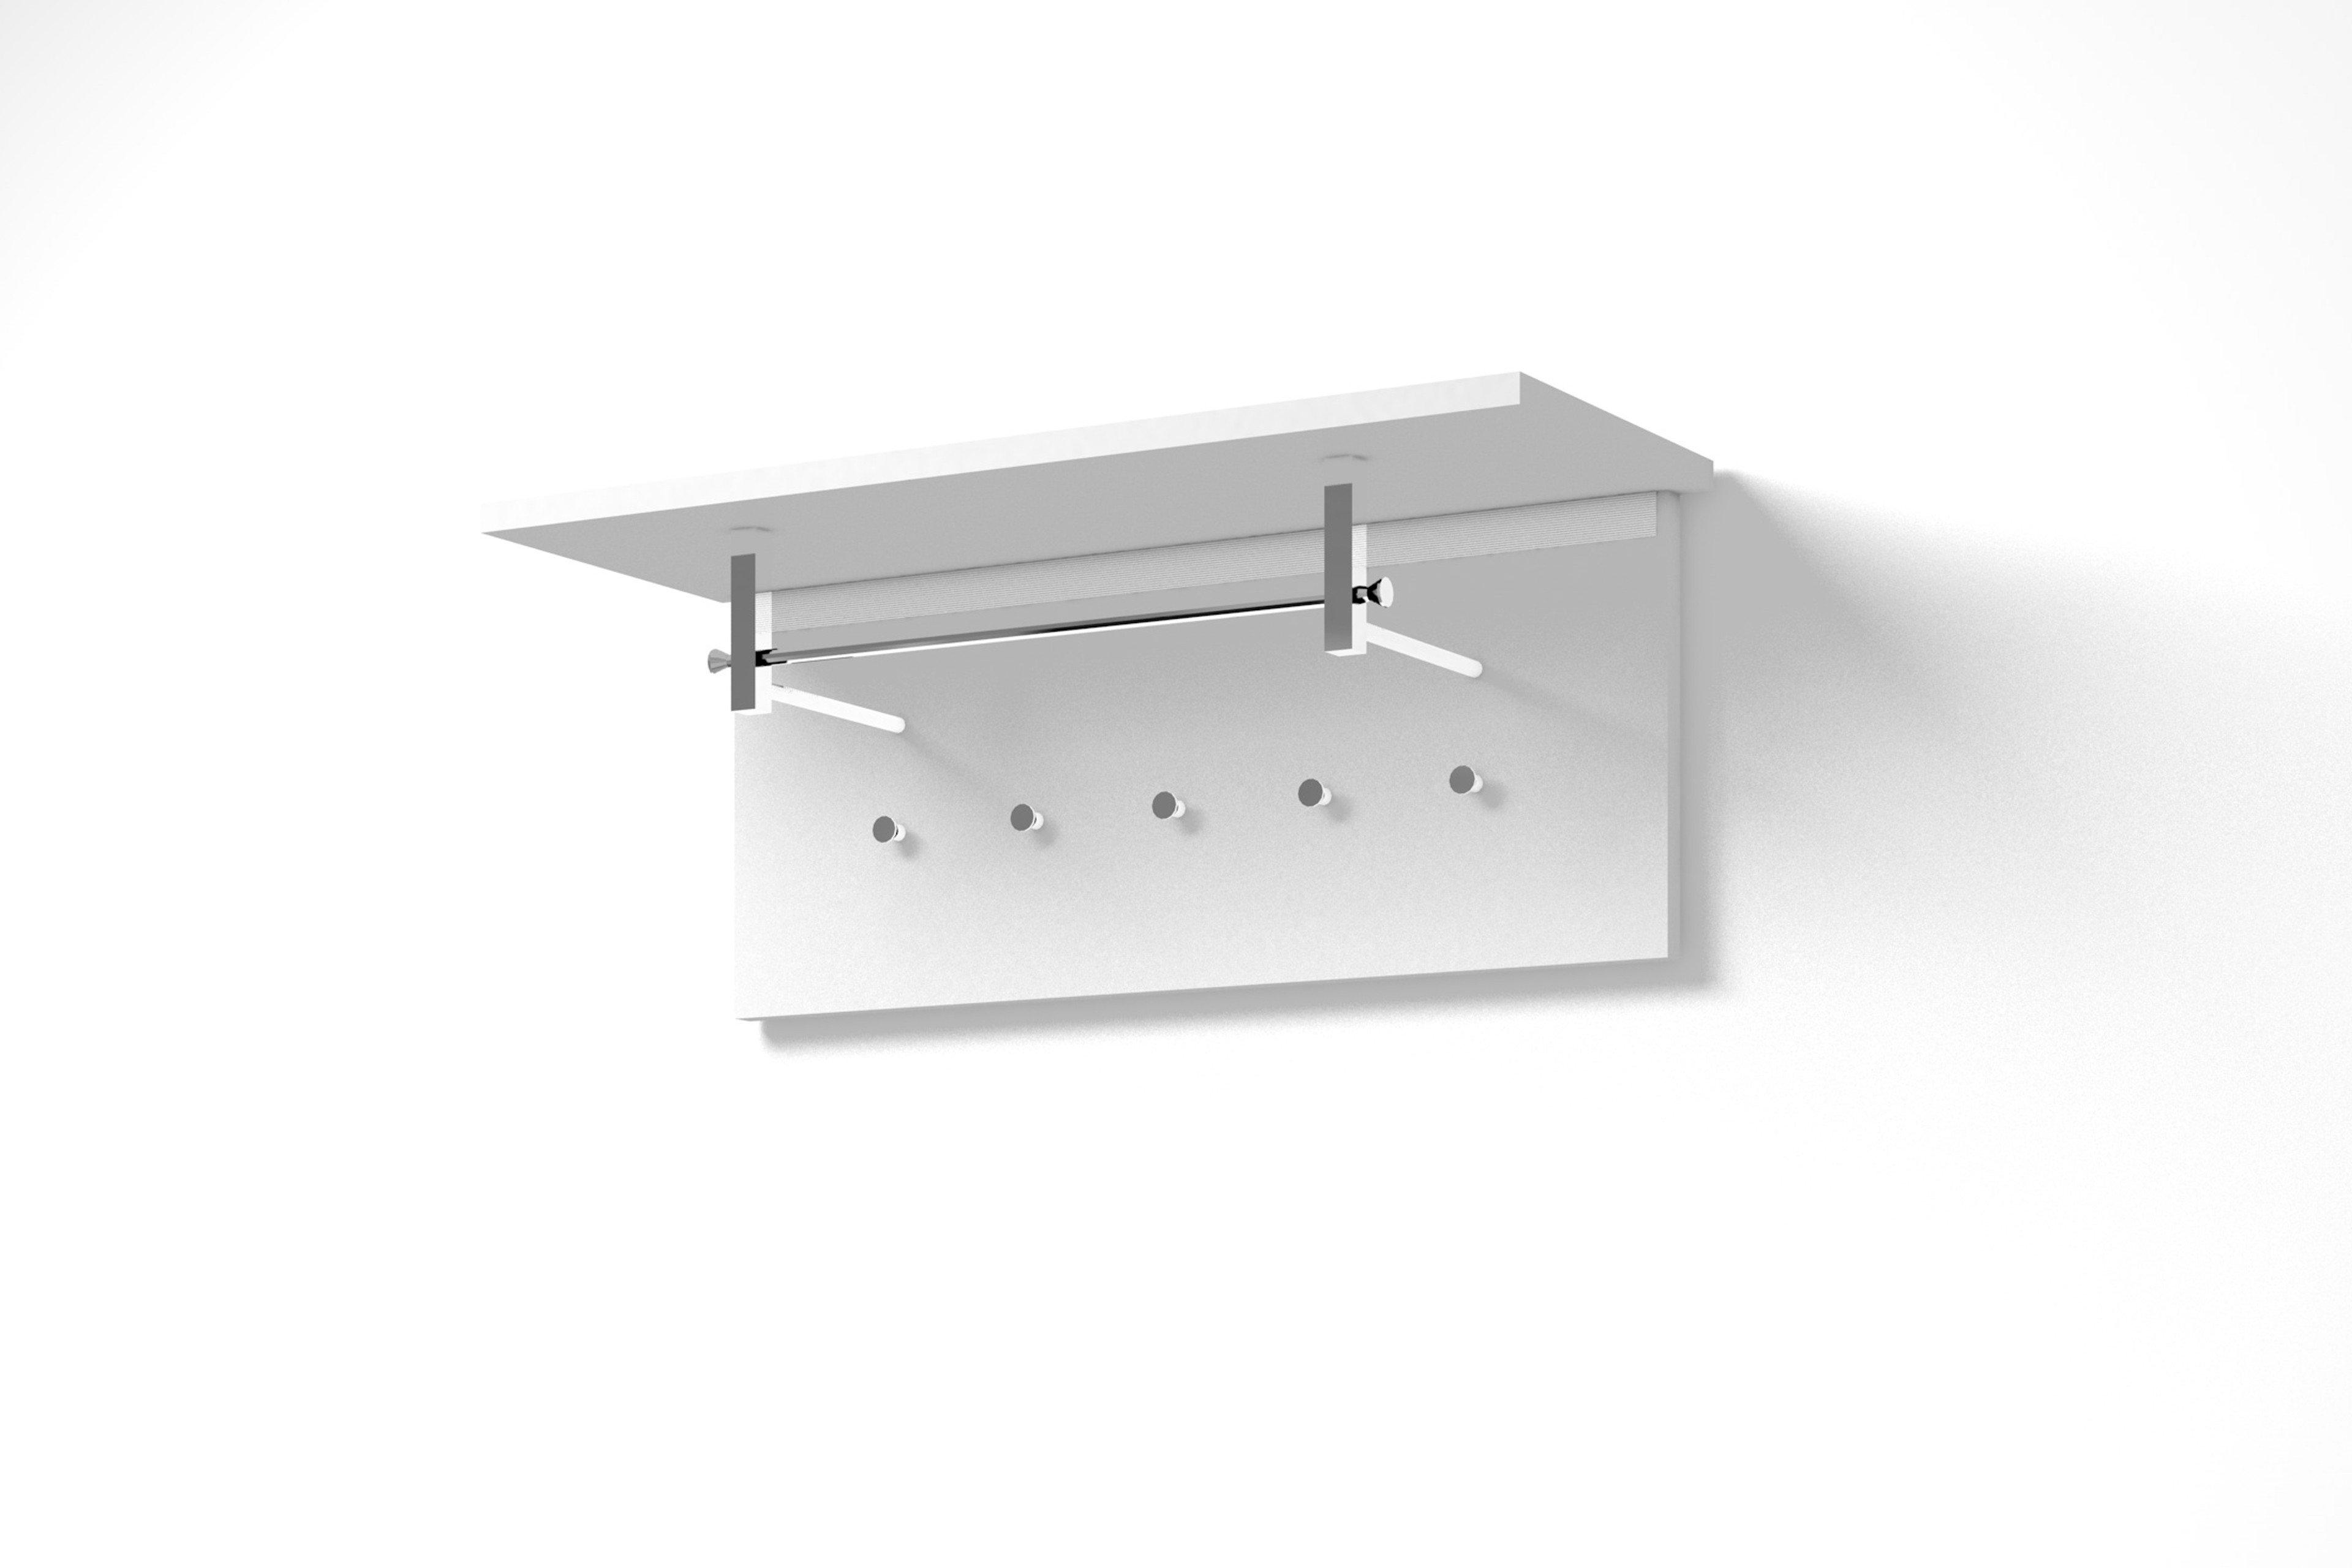 Verschiedene Garderobenpaneel Weiß Referenz Von Bolero Von Arredokit - Weiß Matt